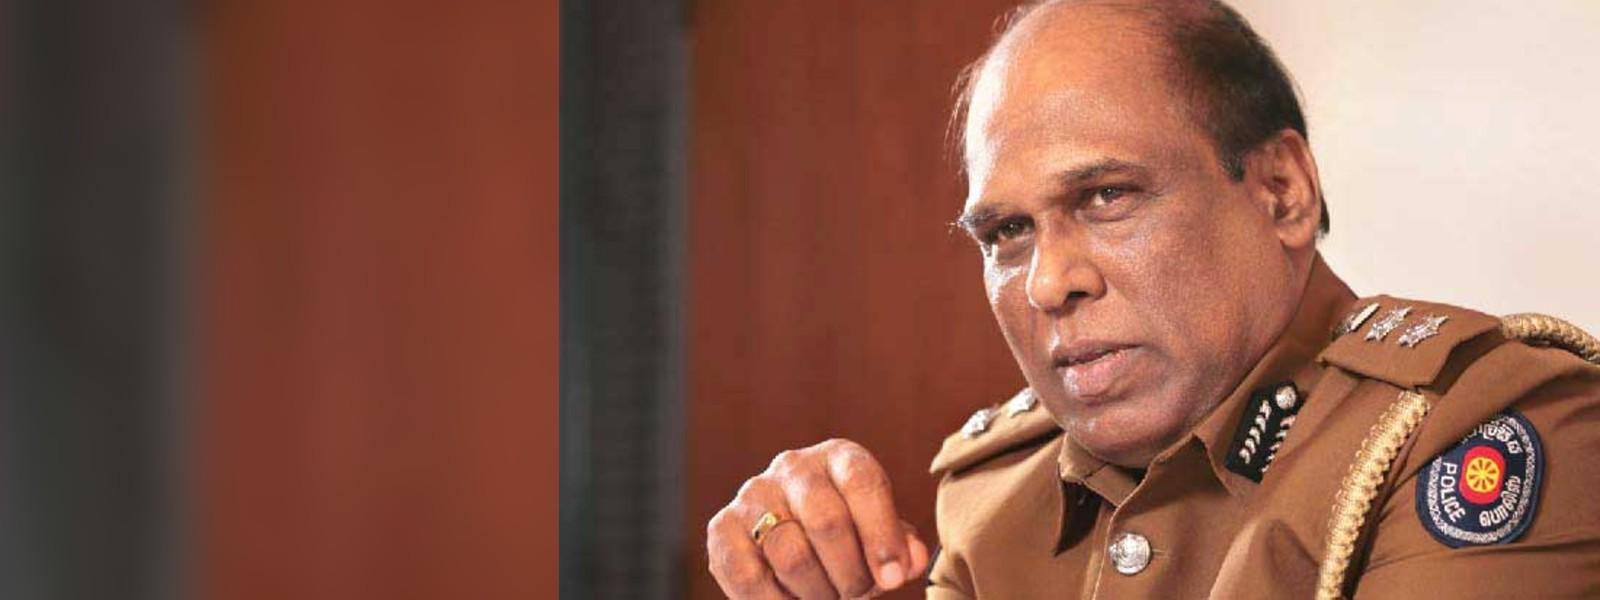 Ex-Snr DIG Anura Senanayake no more